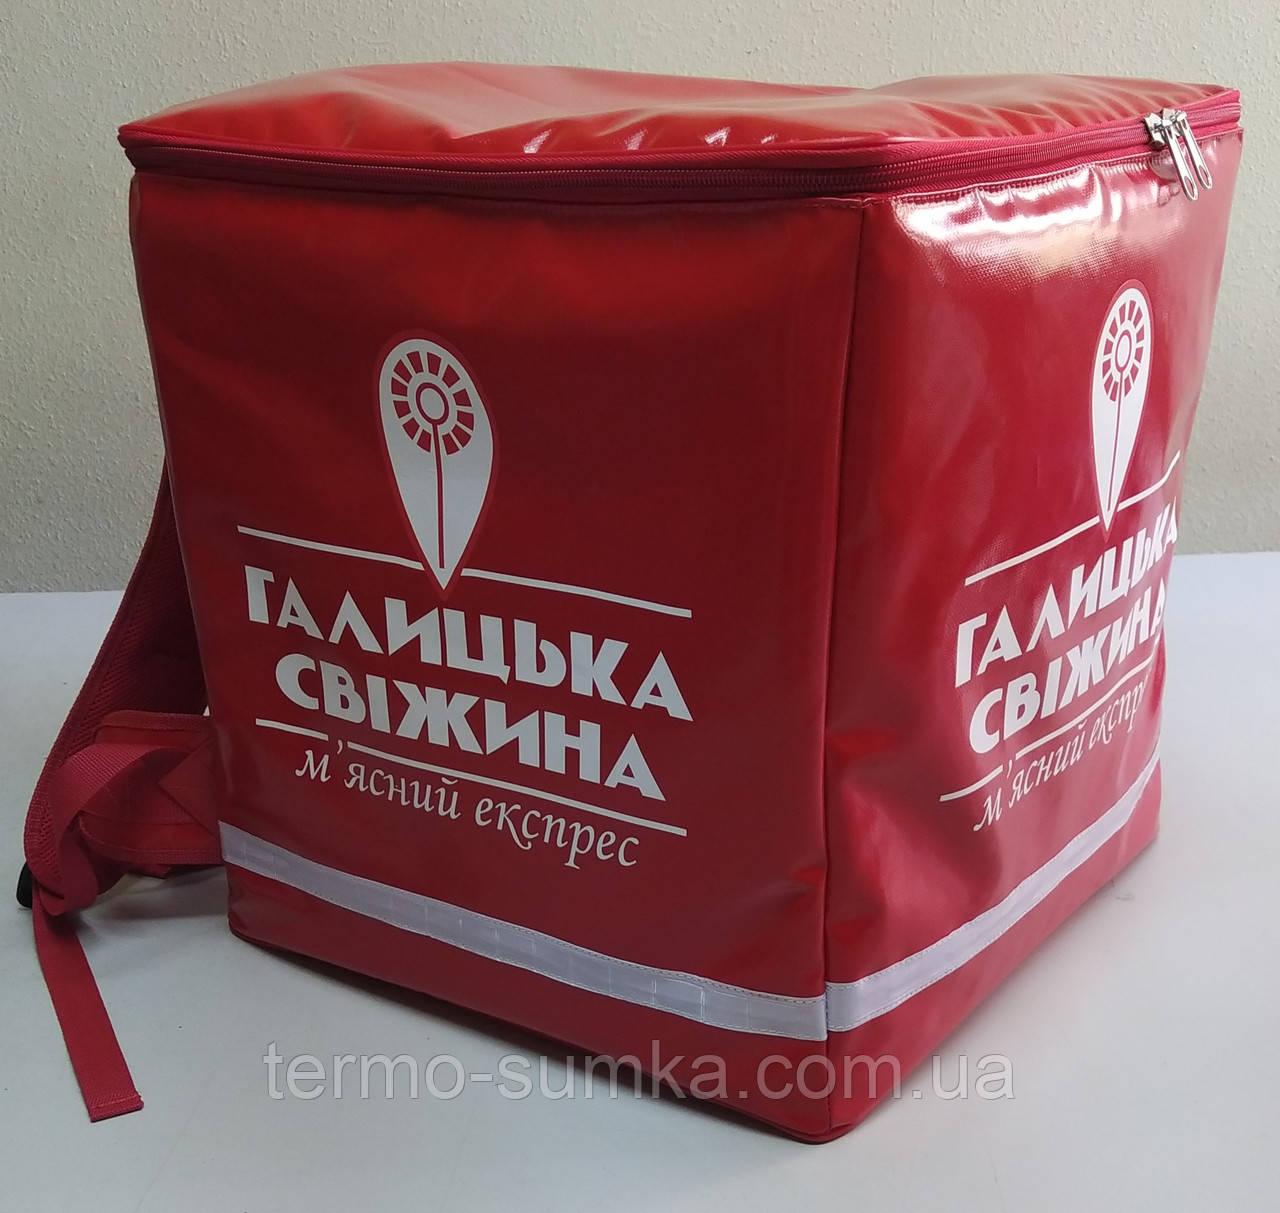 Терморюкзак для доставки еды и пиццы на молнии из ПВХ. Термосумка для доставки суши, пиццы, Молния. На каркасе